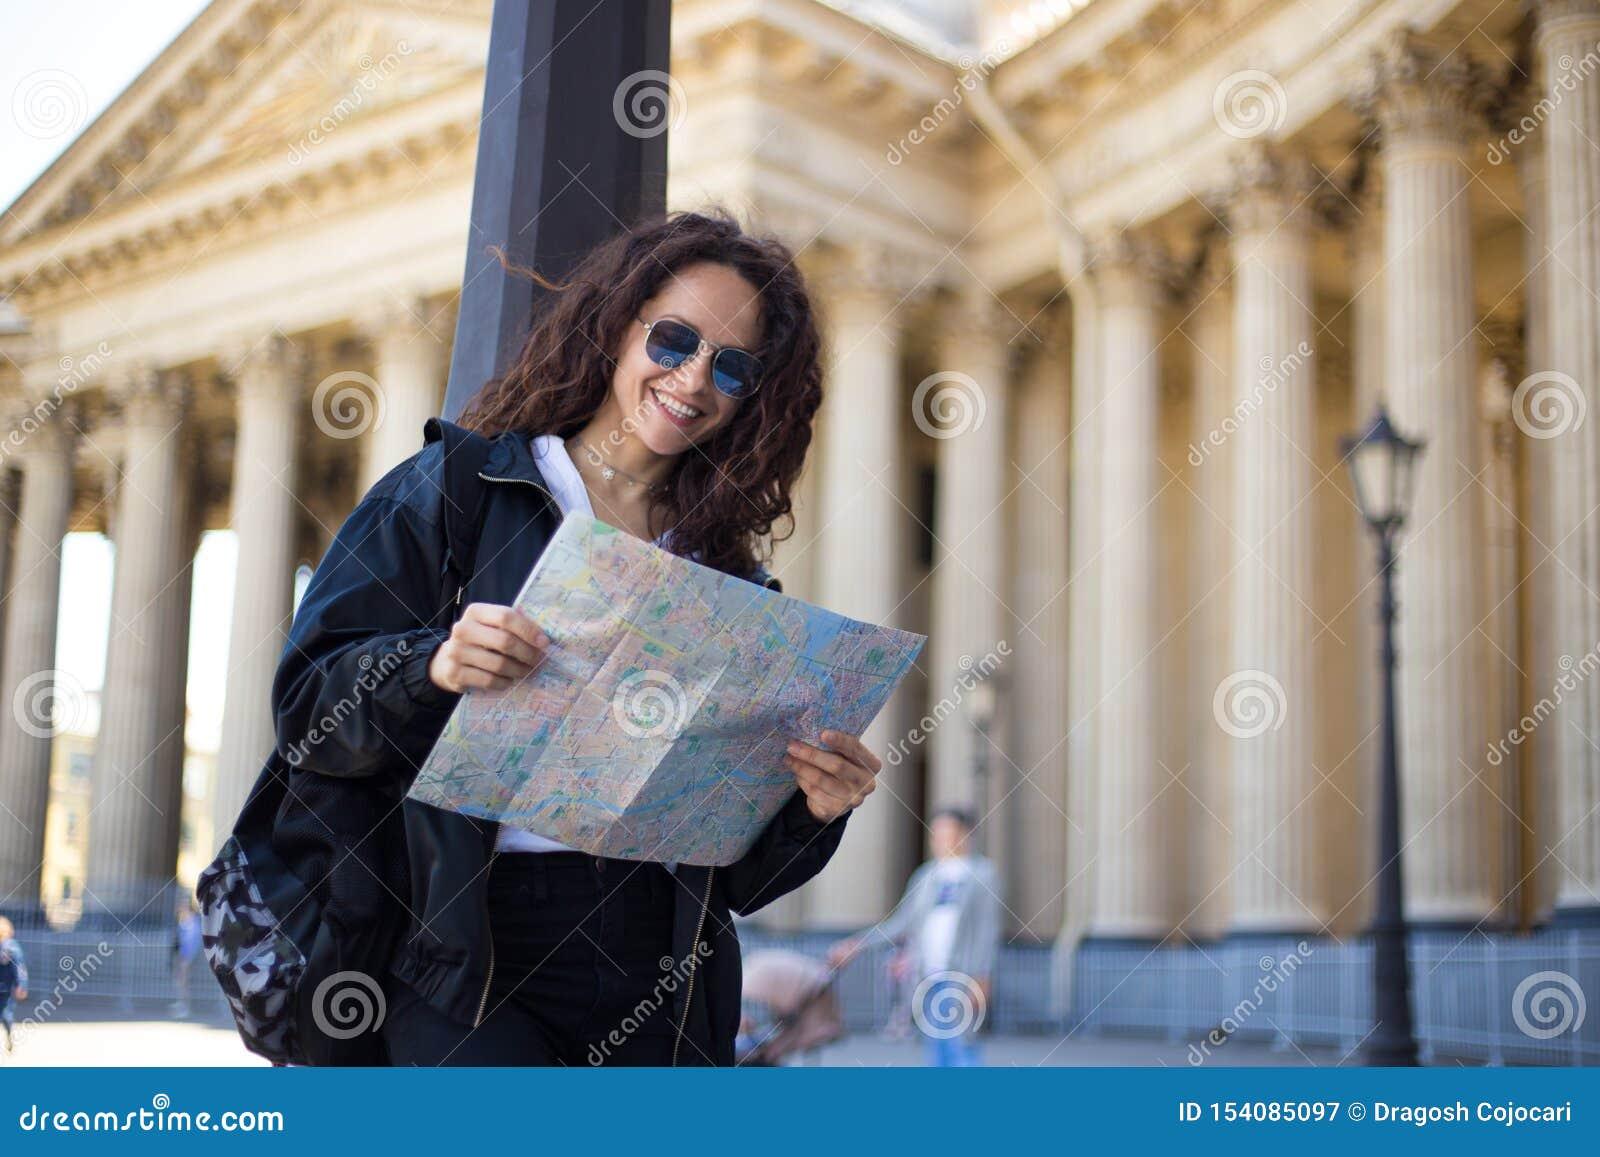 La jeune femme gaie dans le noir, dans des lunettes de soleil avec une carte de papier de ville dans des mains, ont un sac à dos,